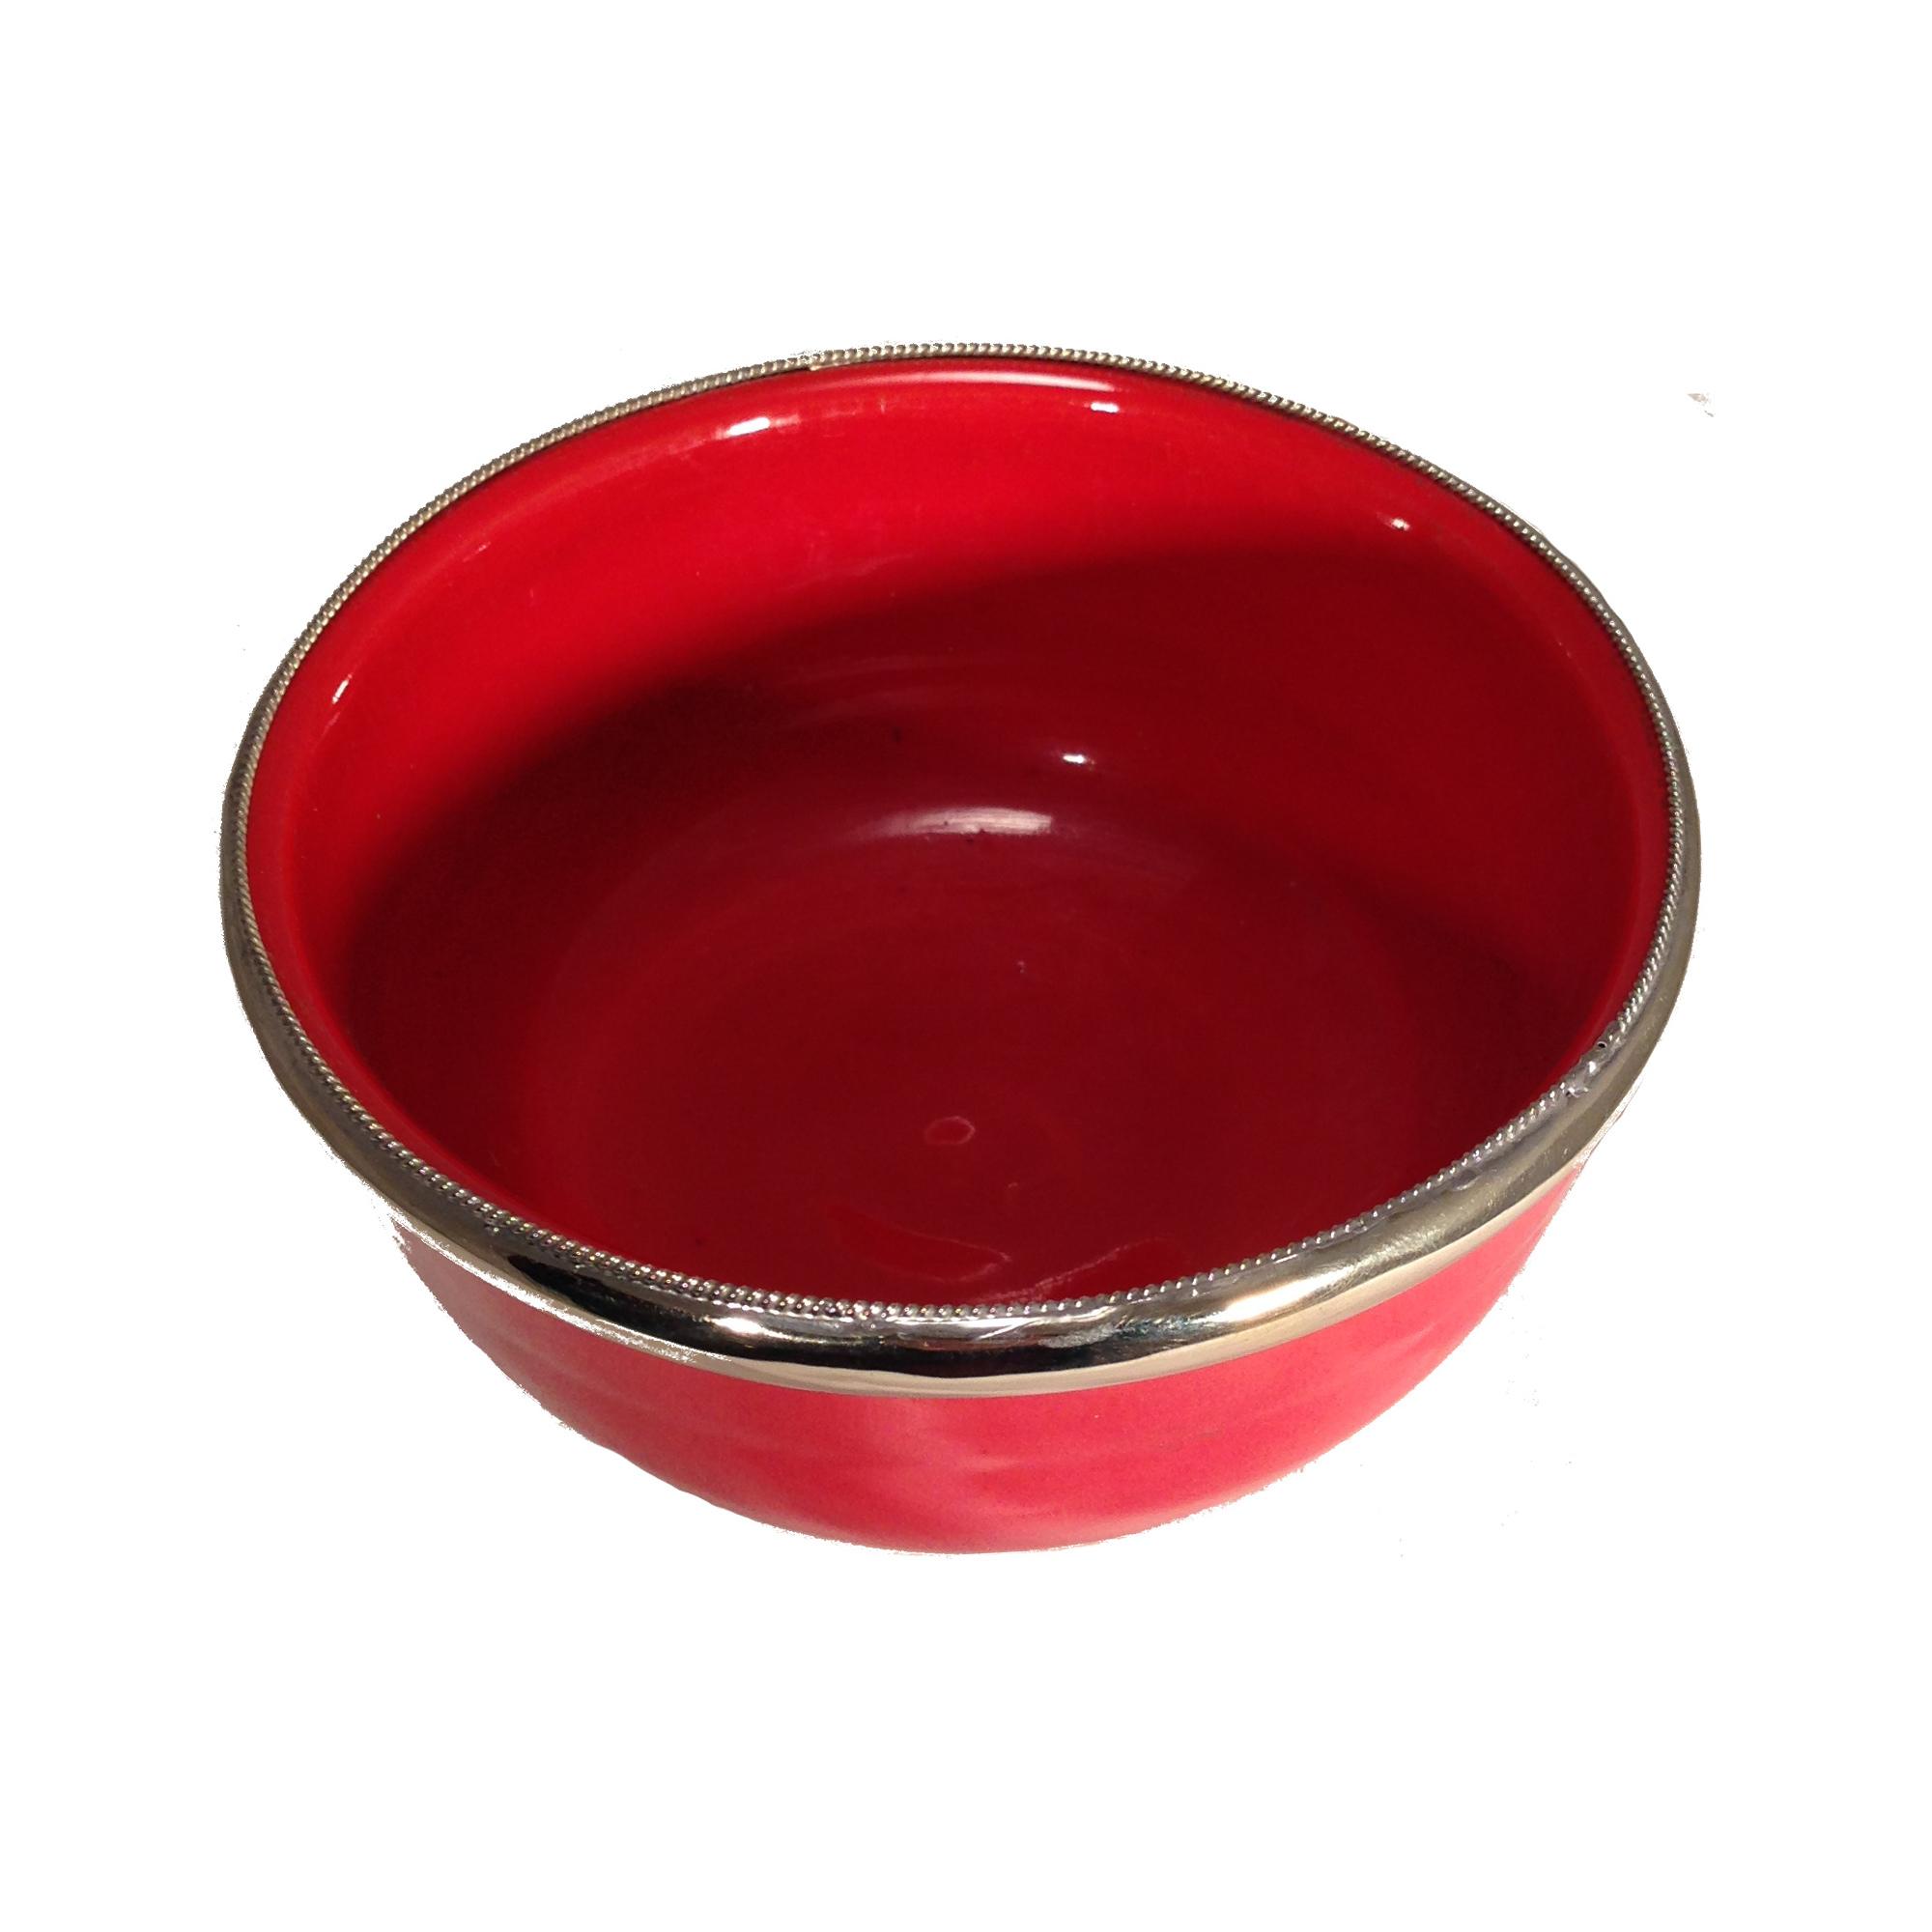 Keramikschale Simple Silberverzierung Marrakesch-Bordeaux